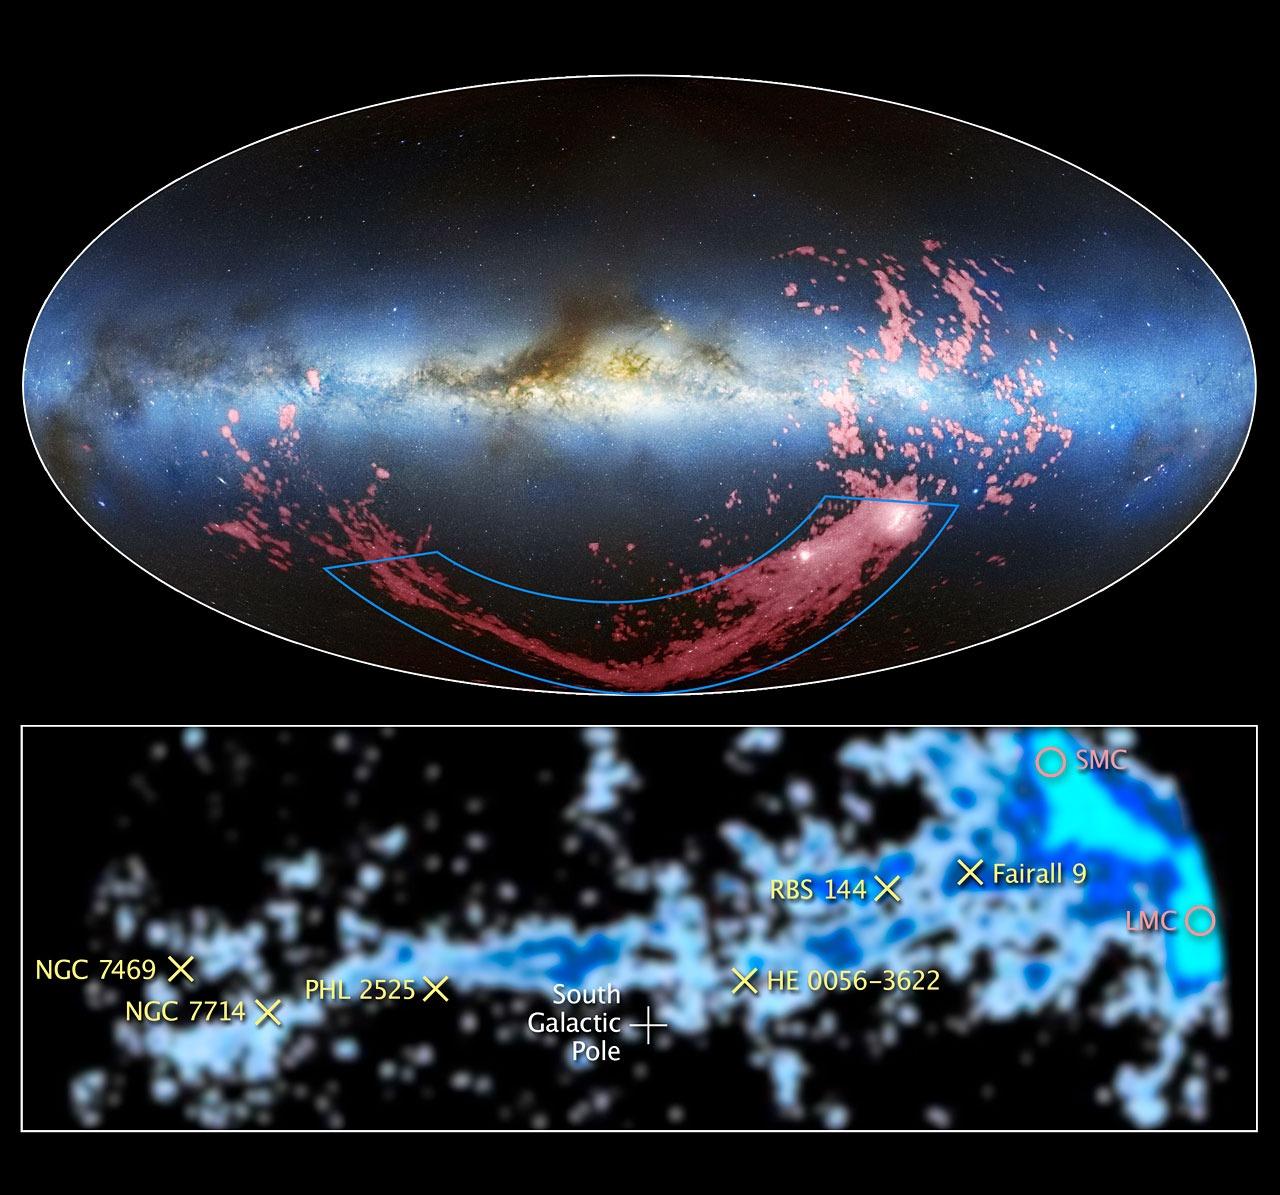 Hubble lost veertig jaar oude raadsel op van de Magelhaense Stroom